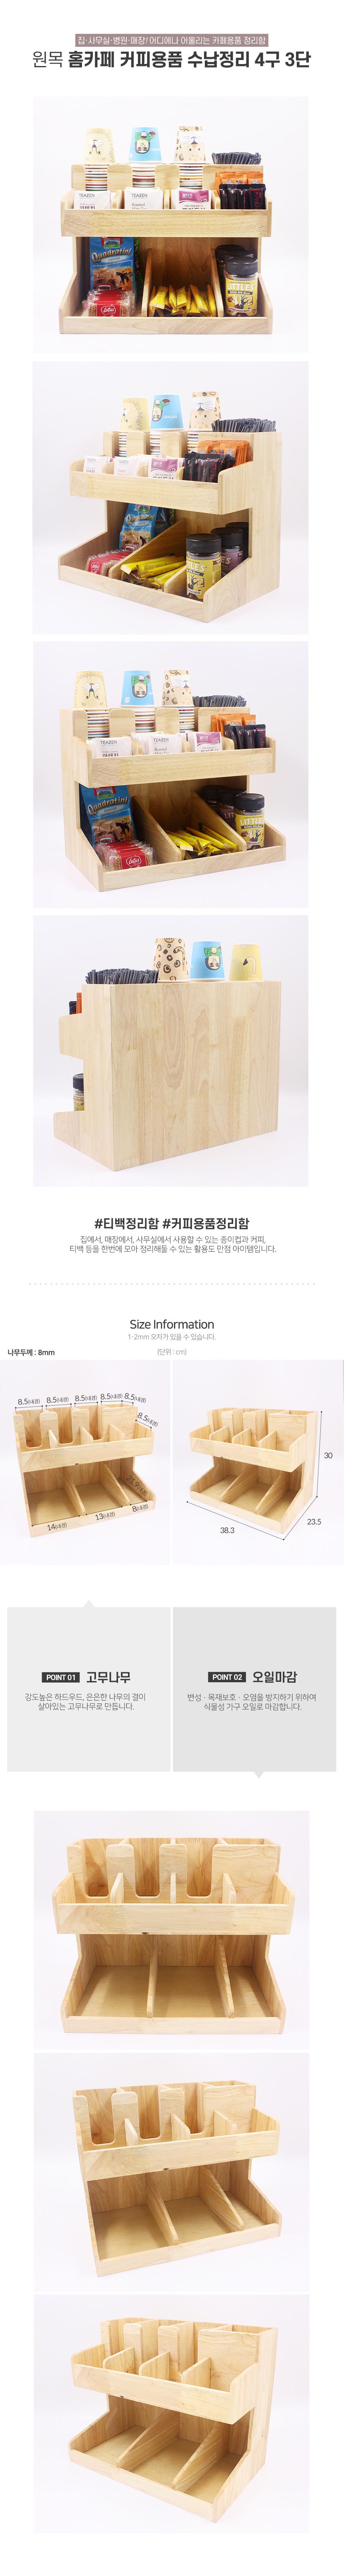 커피용품수납정리 4구3단 - 디자인엔씨, 63,200원, 주방수납용품, 수납함